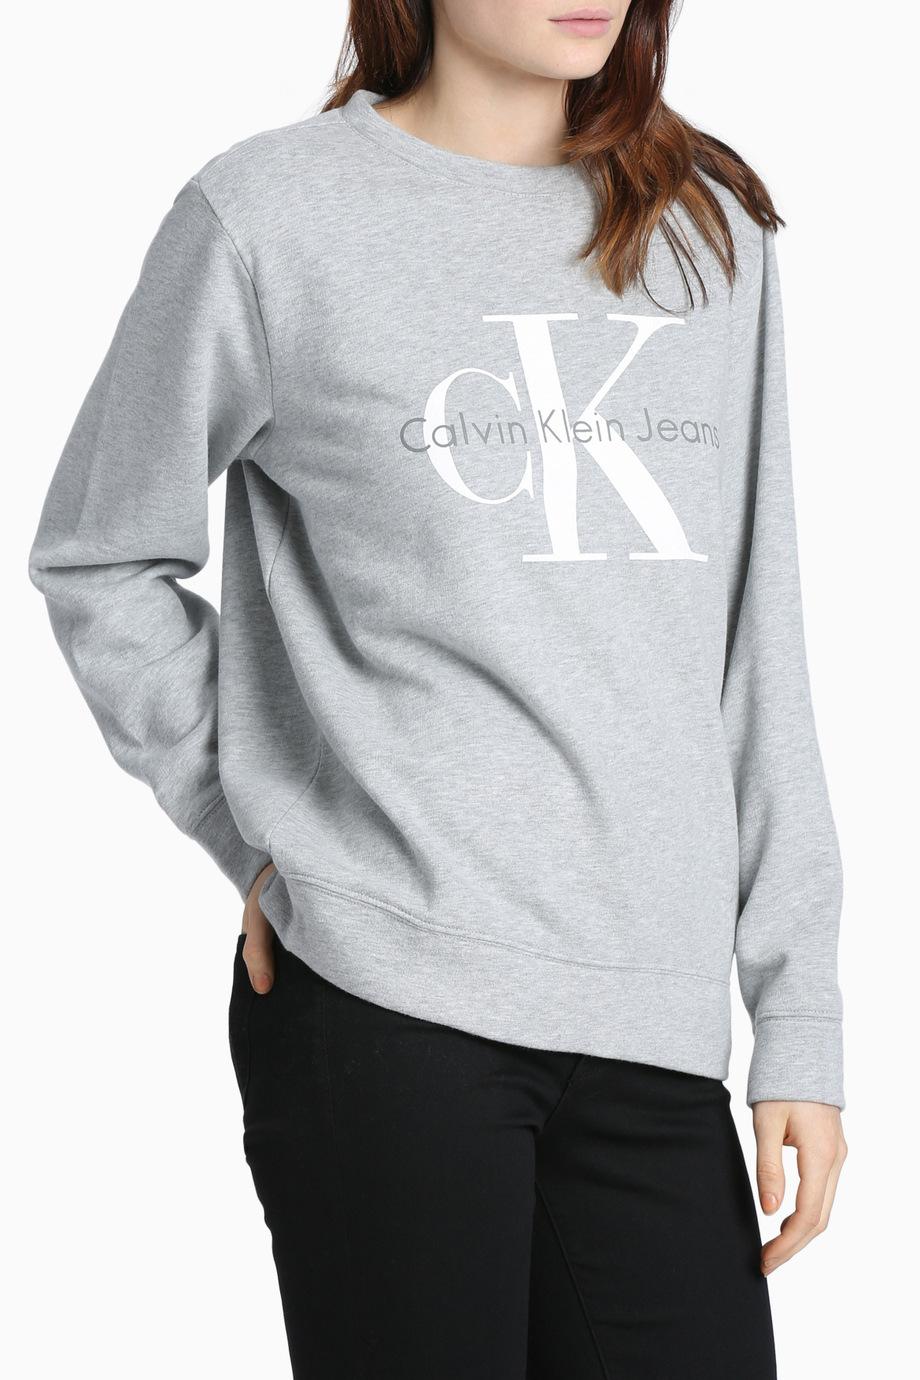 calvin klein jeans vintage logo sweatshirt myer online. Black Bedroom Furniture Sets. Home Design Ideas